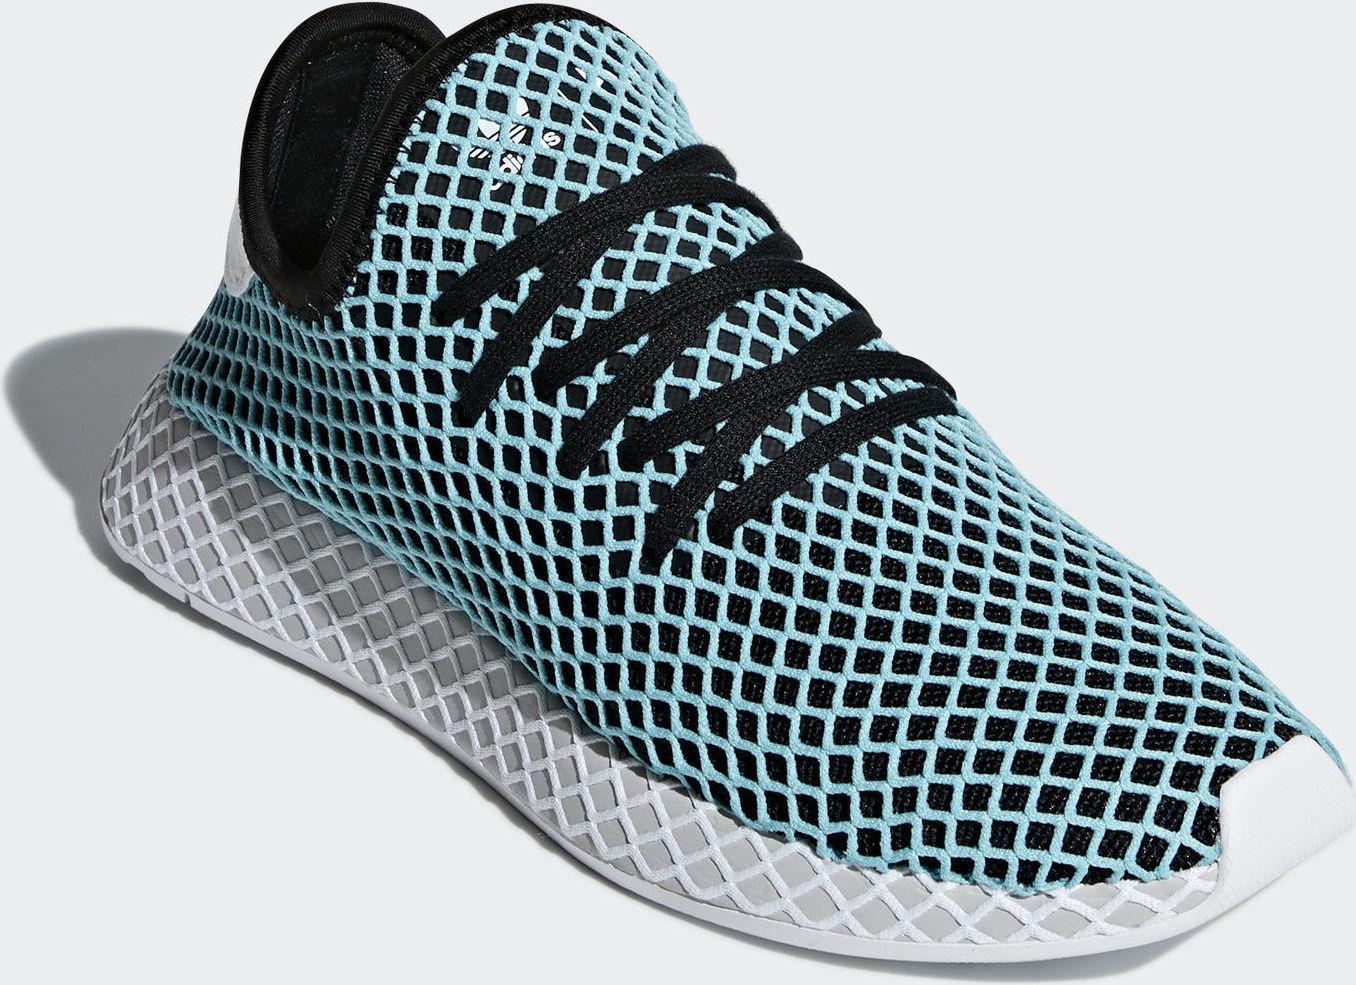 new arrival 3d3d3 dbcec ... Adidas Deerupt Runner Parley CQ2623 ...